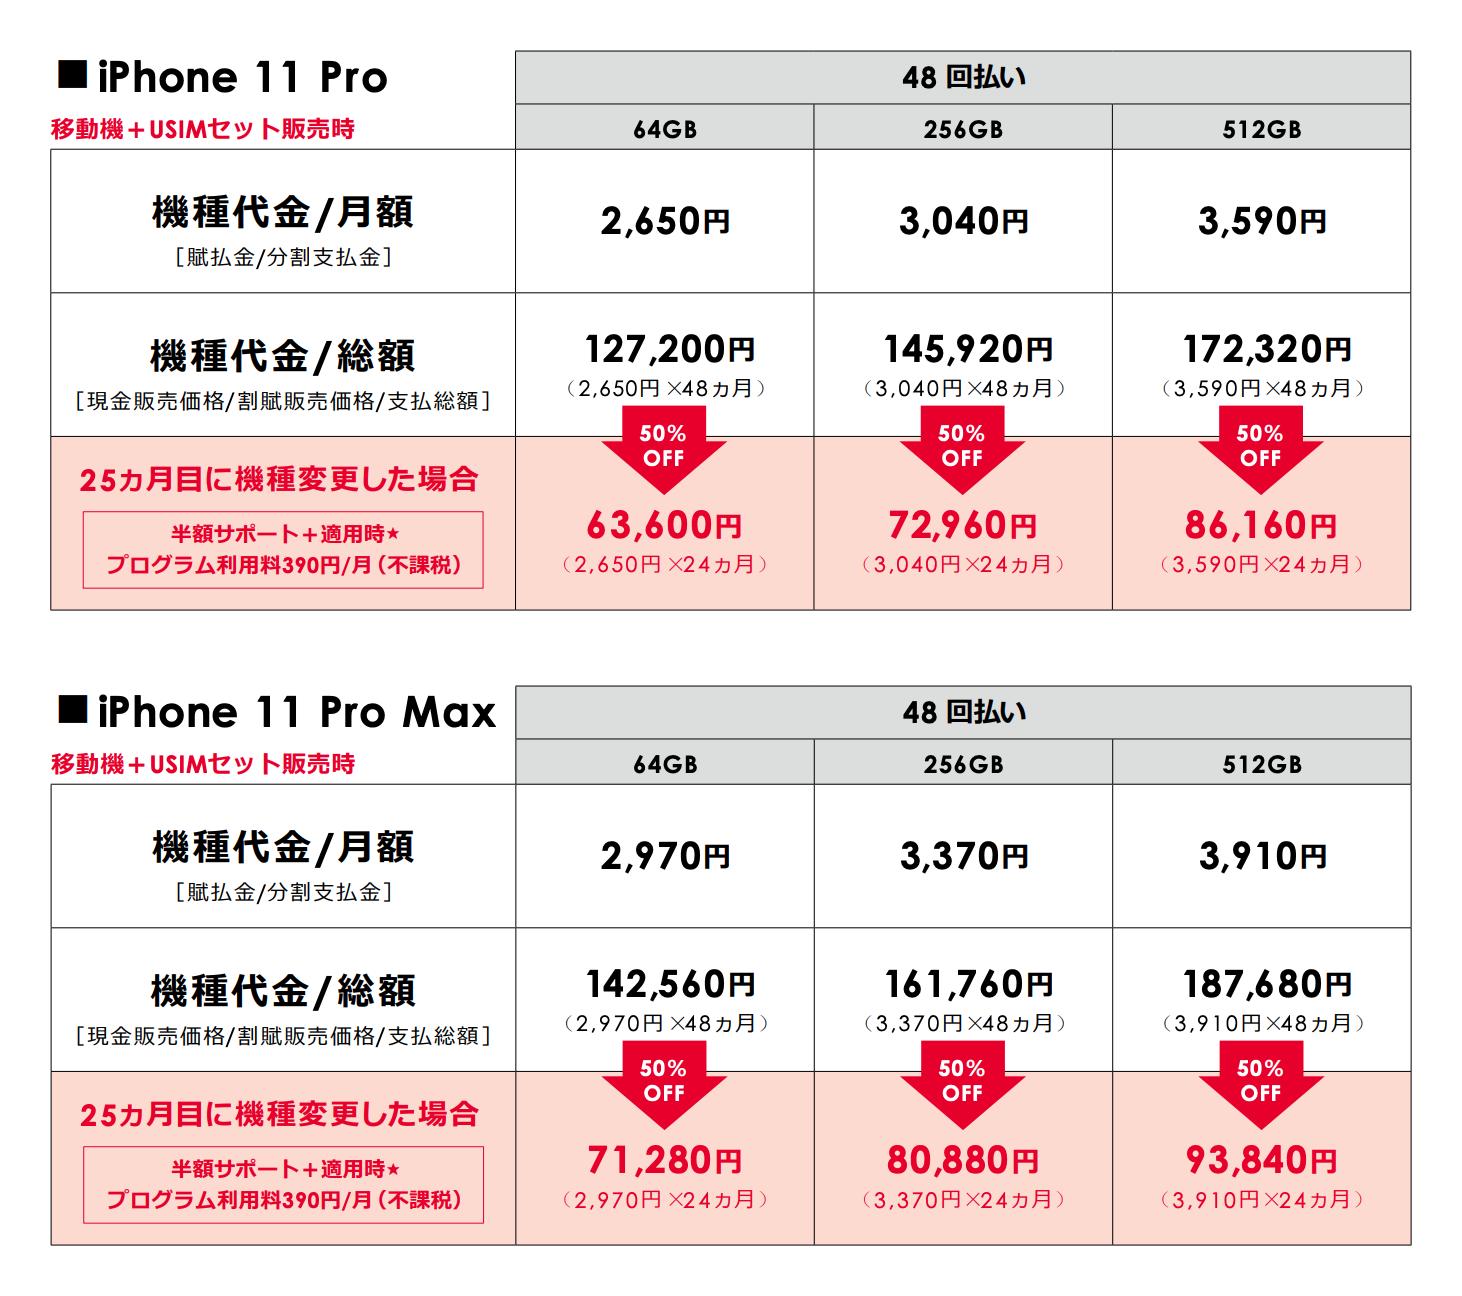 ソフトバンク iPhone 11